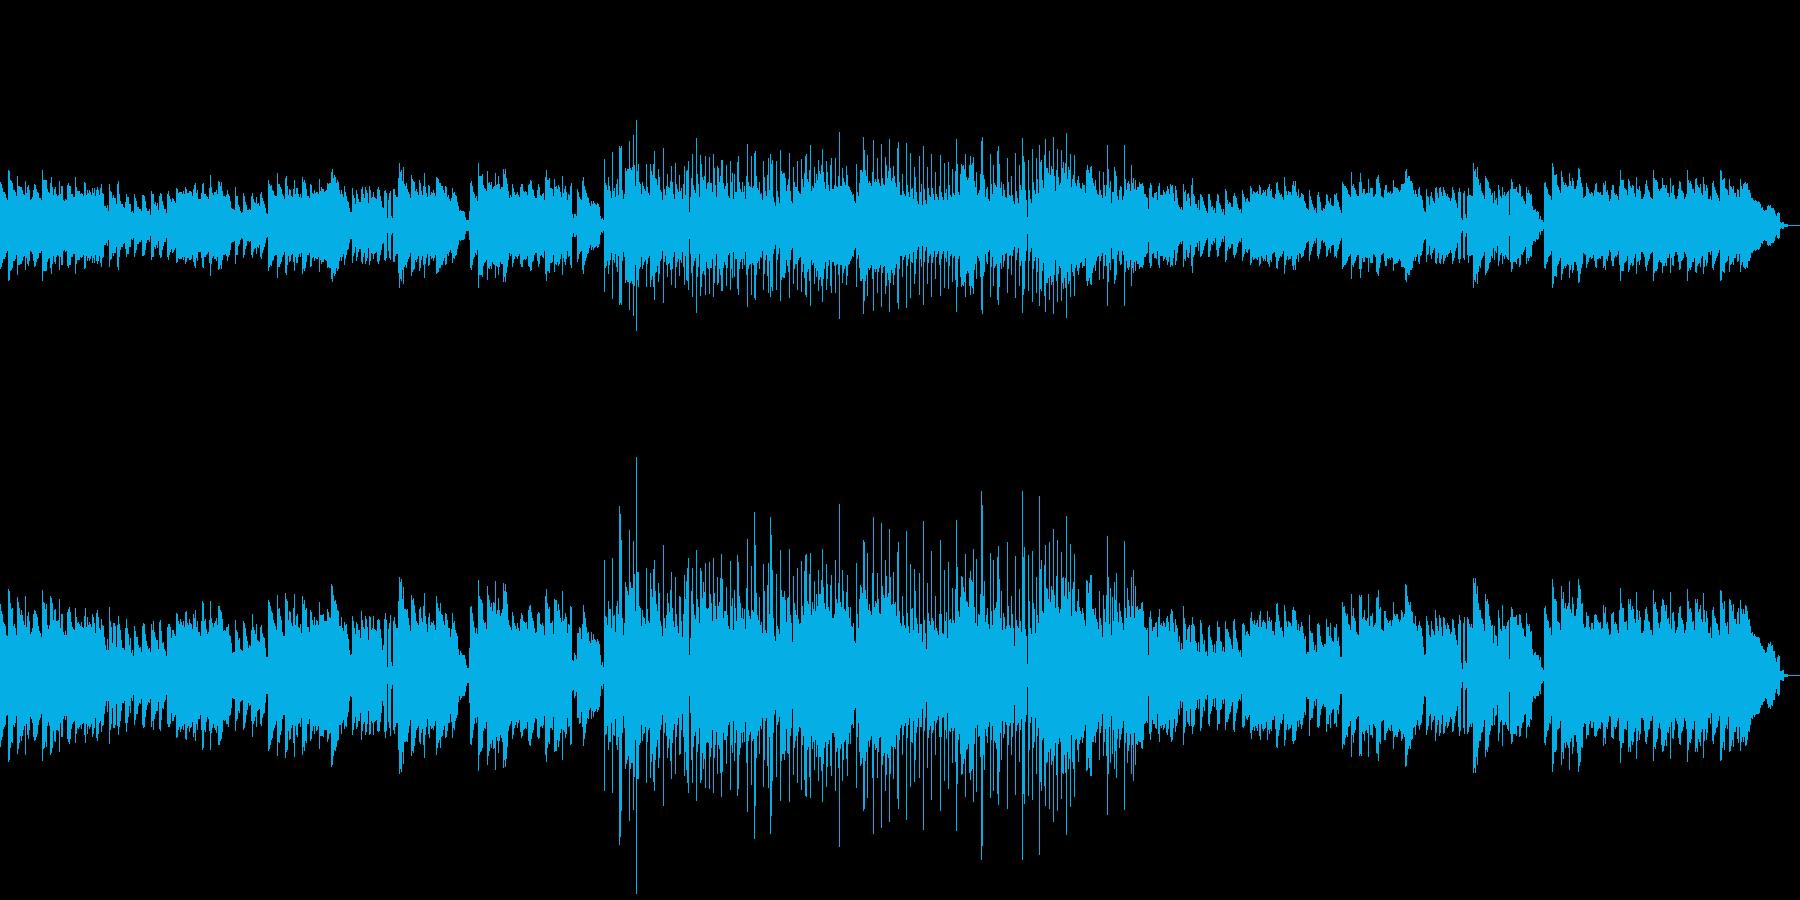 地下道をイメージしたBGMの再生済みの波形